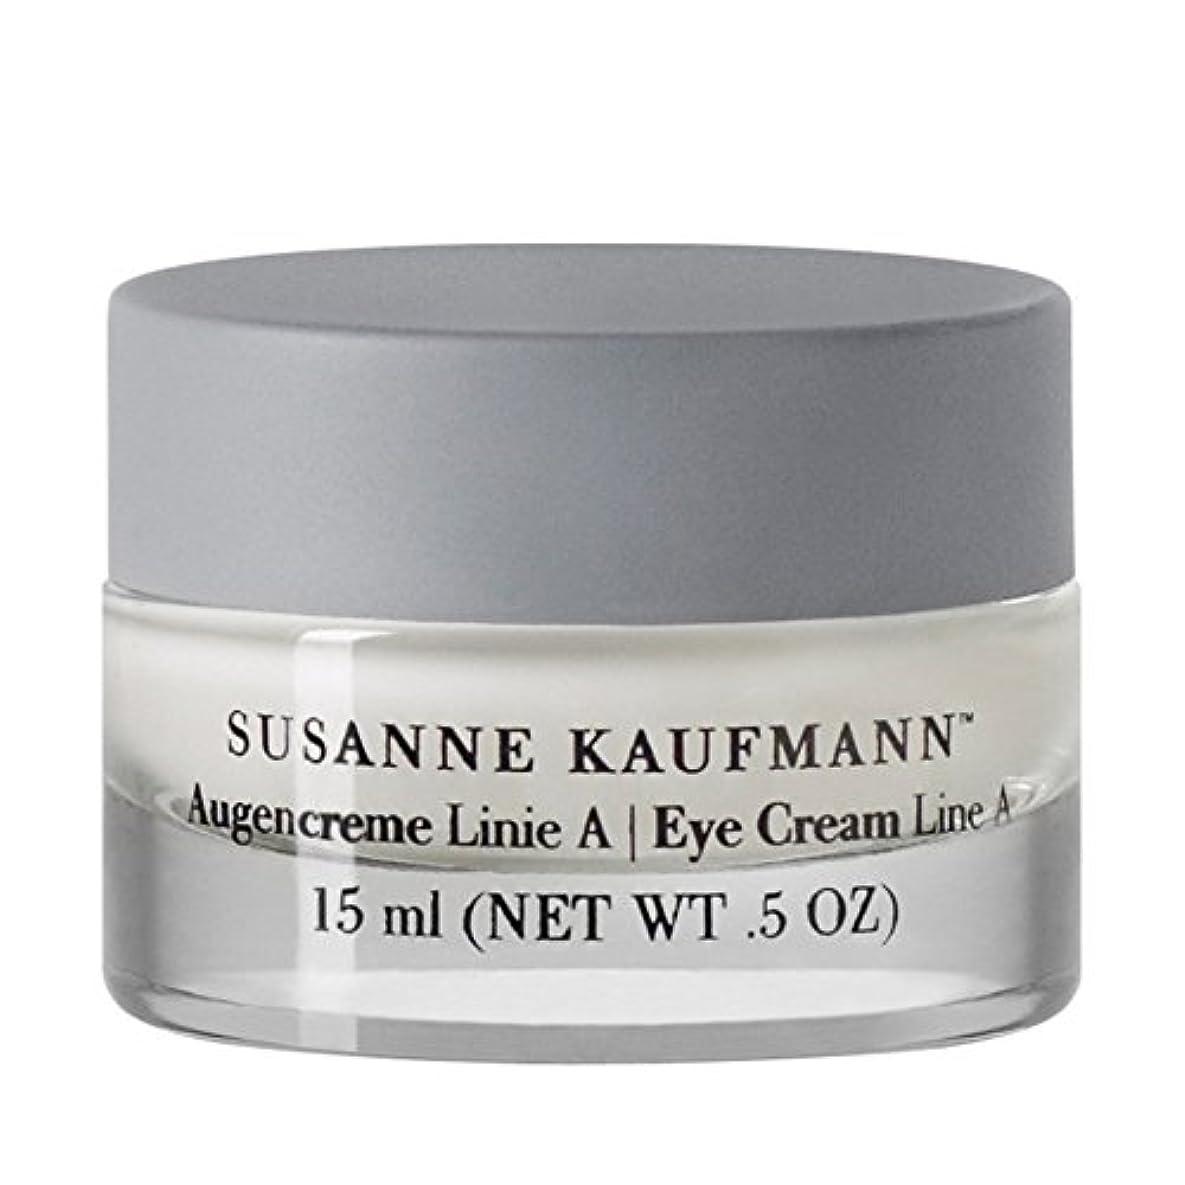 生き返らせる盟主見落とすSusanne Kaufmann Eye Cream Line A 15ml - スザンヌカウフマンアイクリームライン15ミリリットル [並行輸入品]